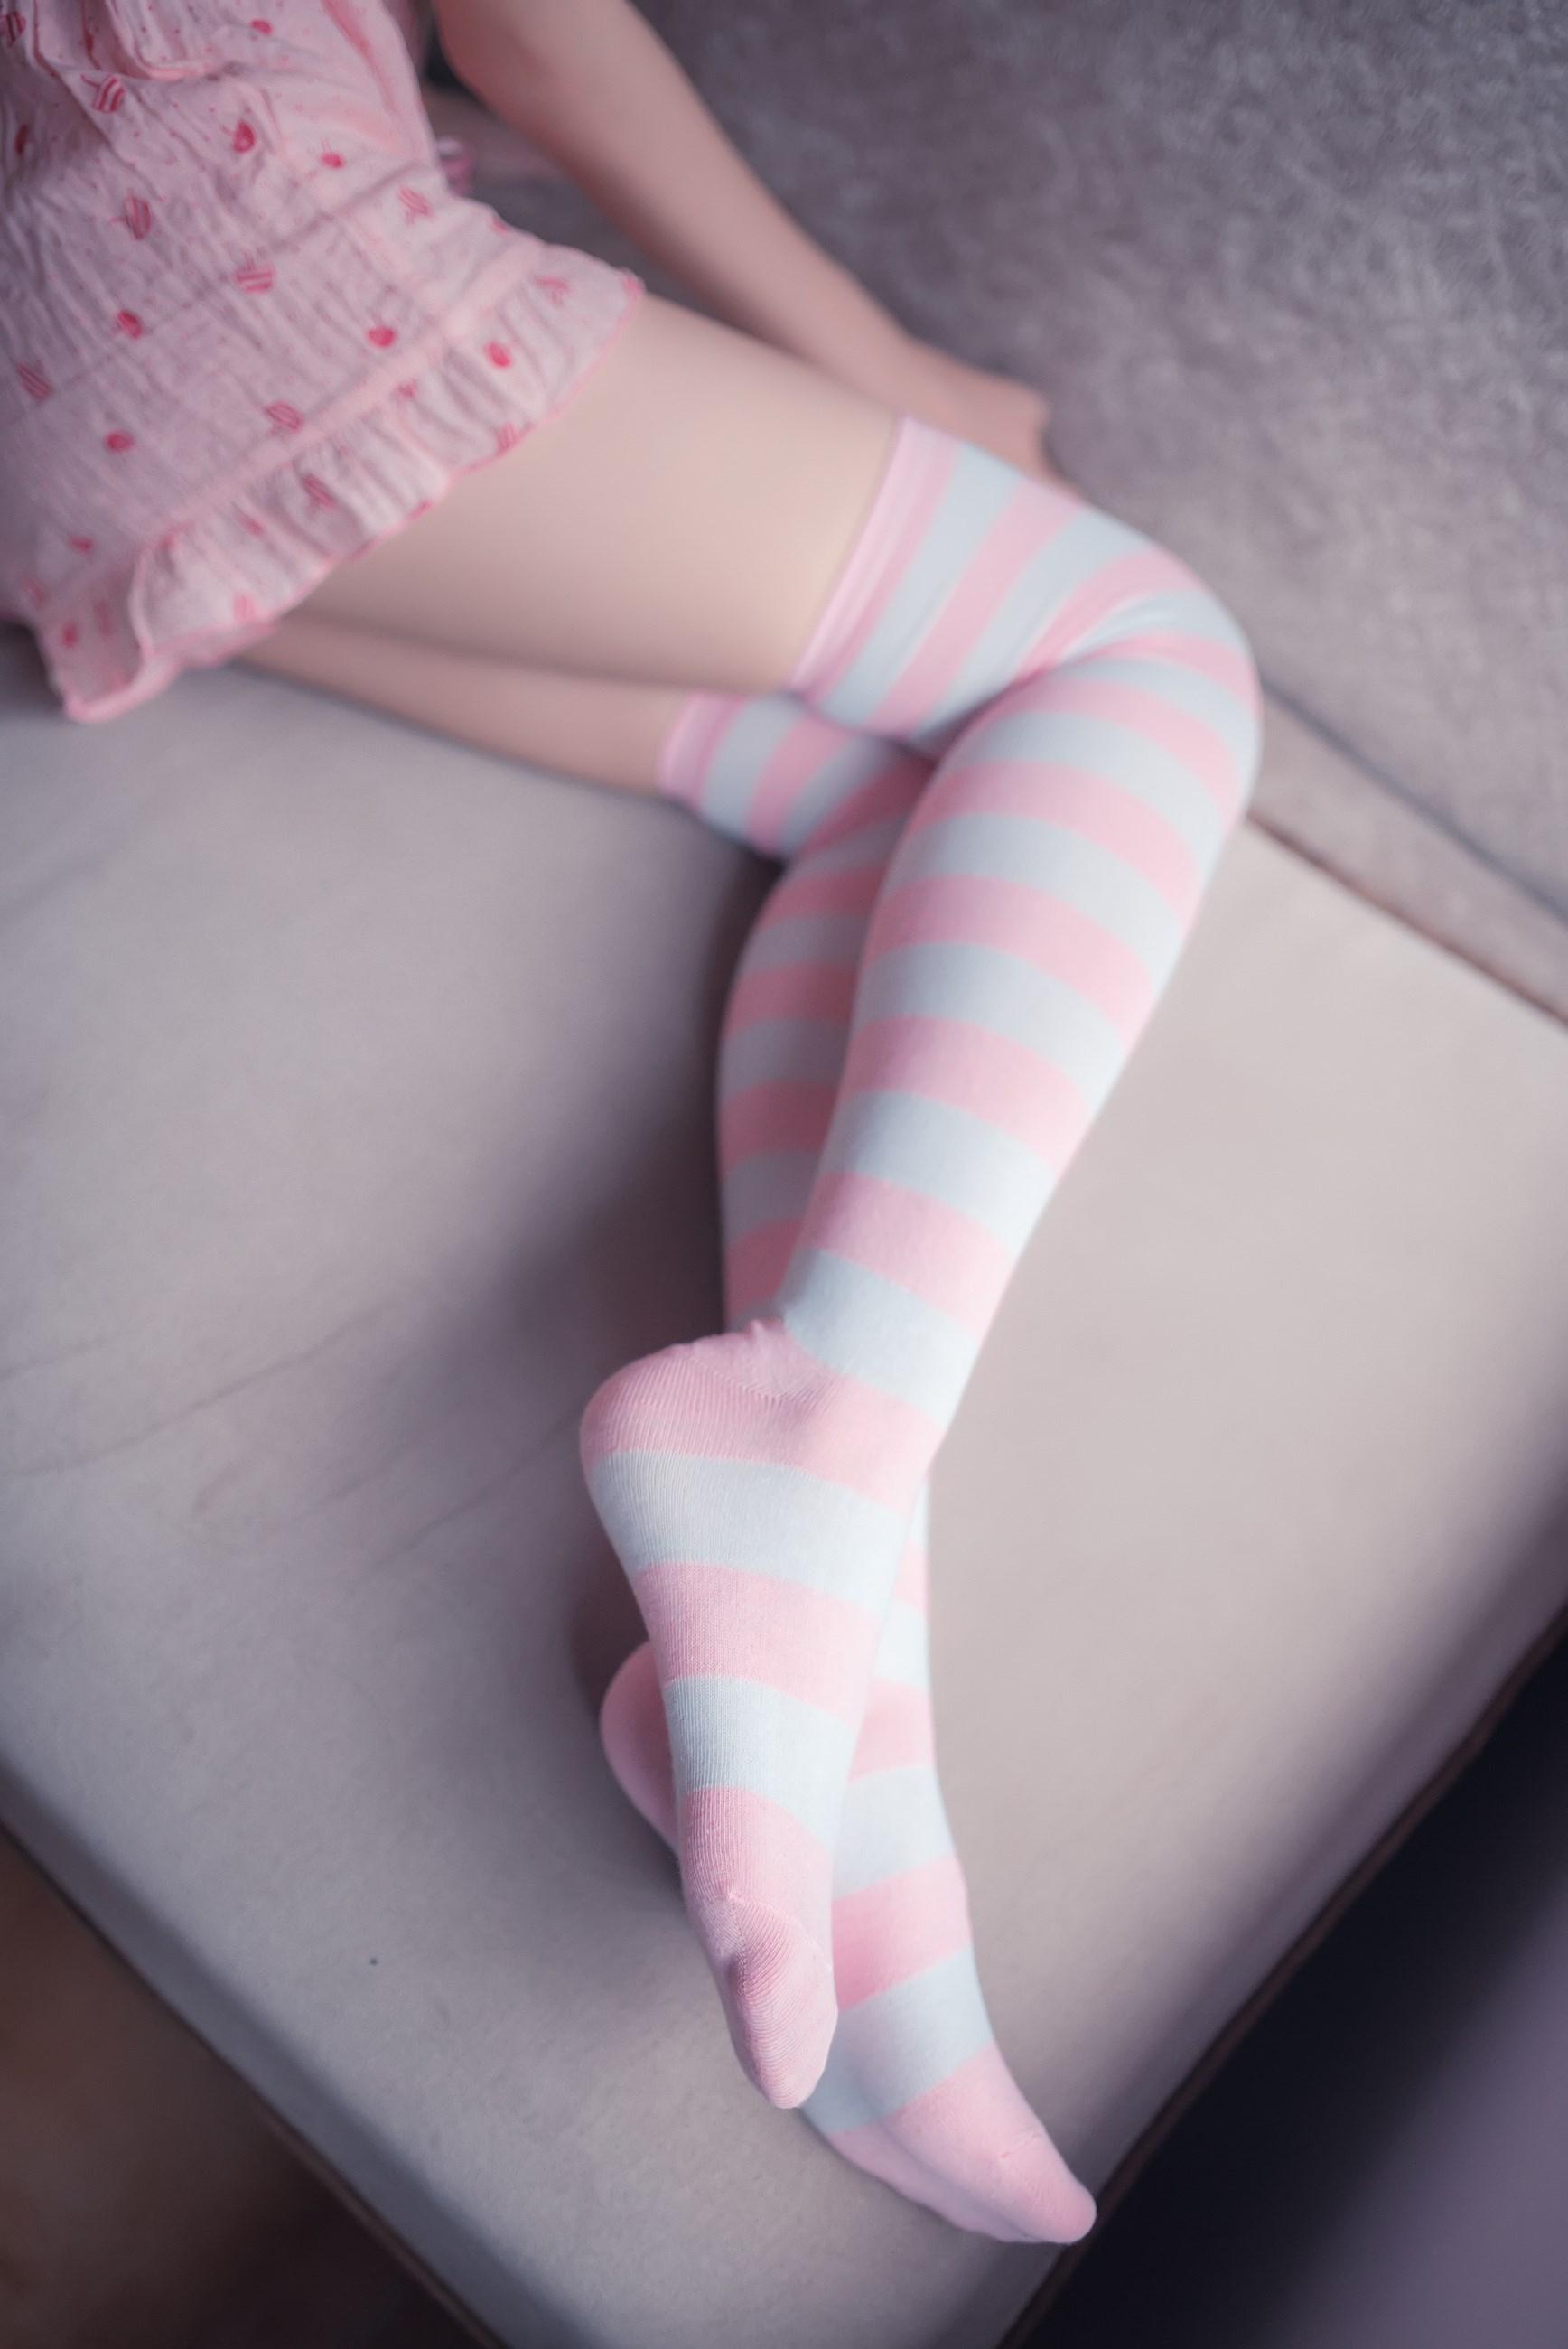 【兔玩映画】粉白条纹 兔玩映画 第26张